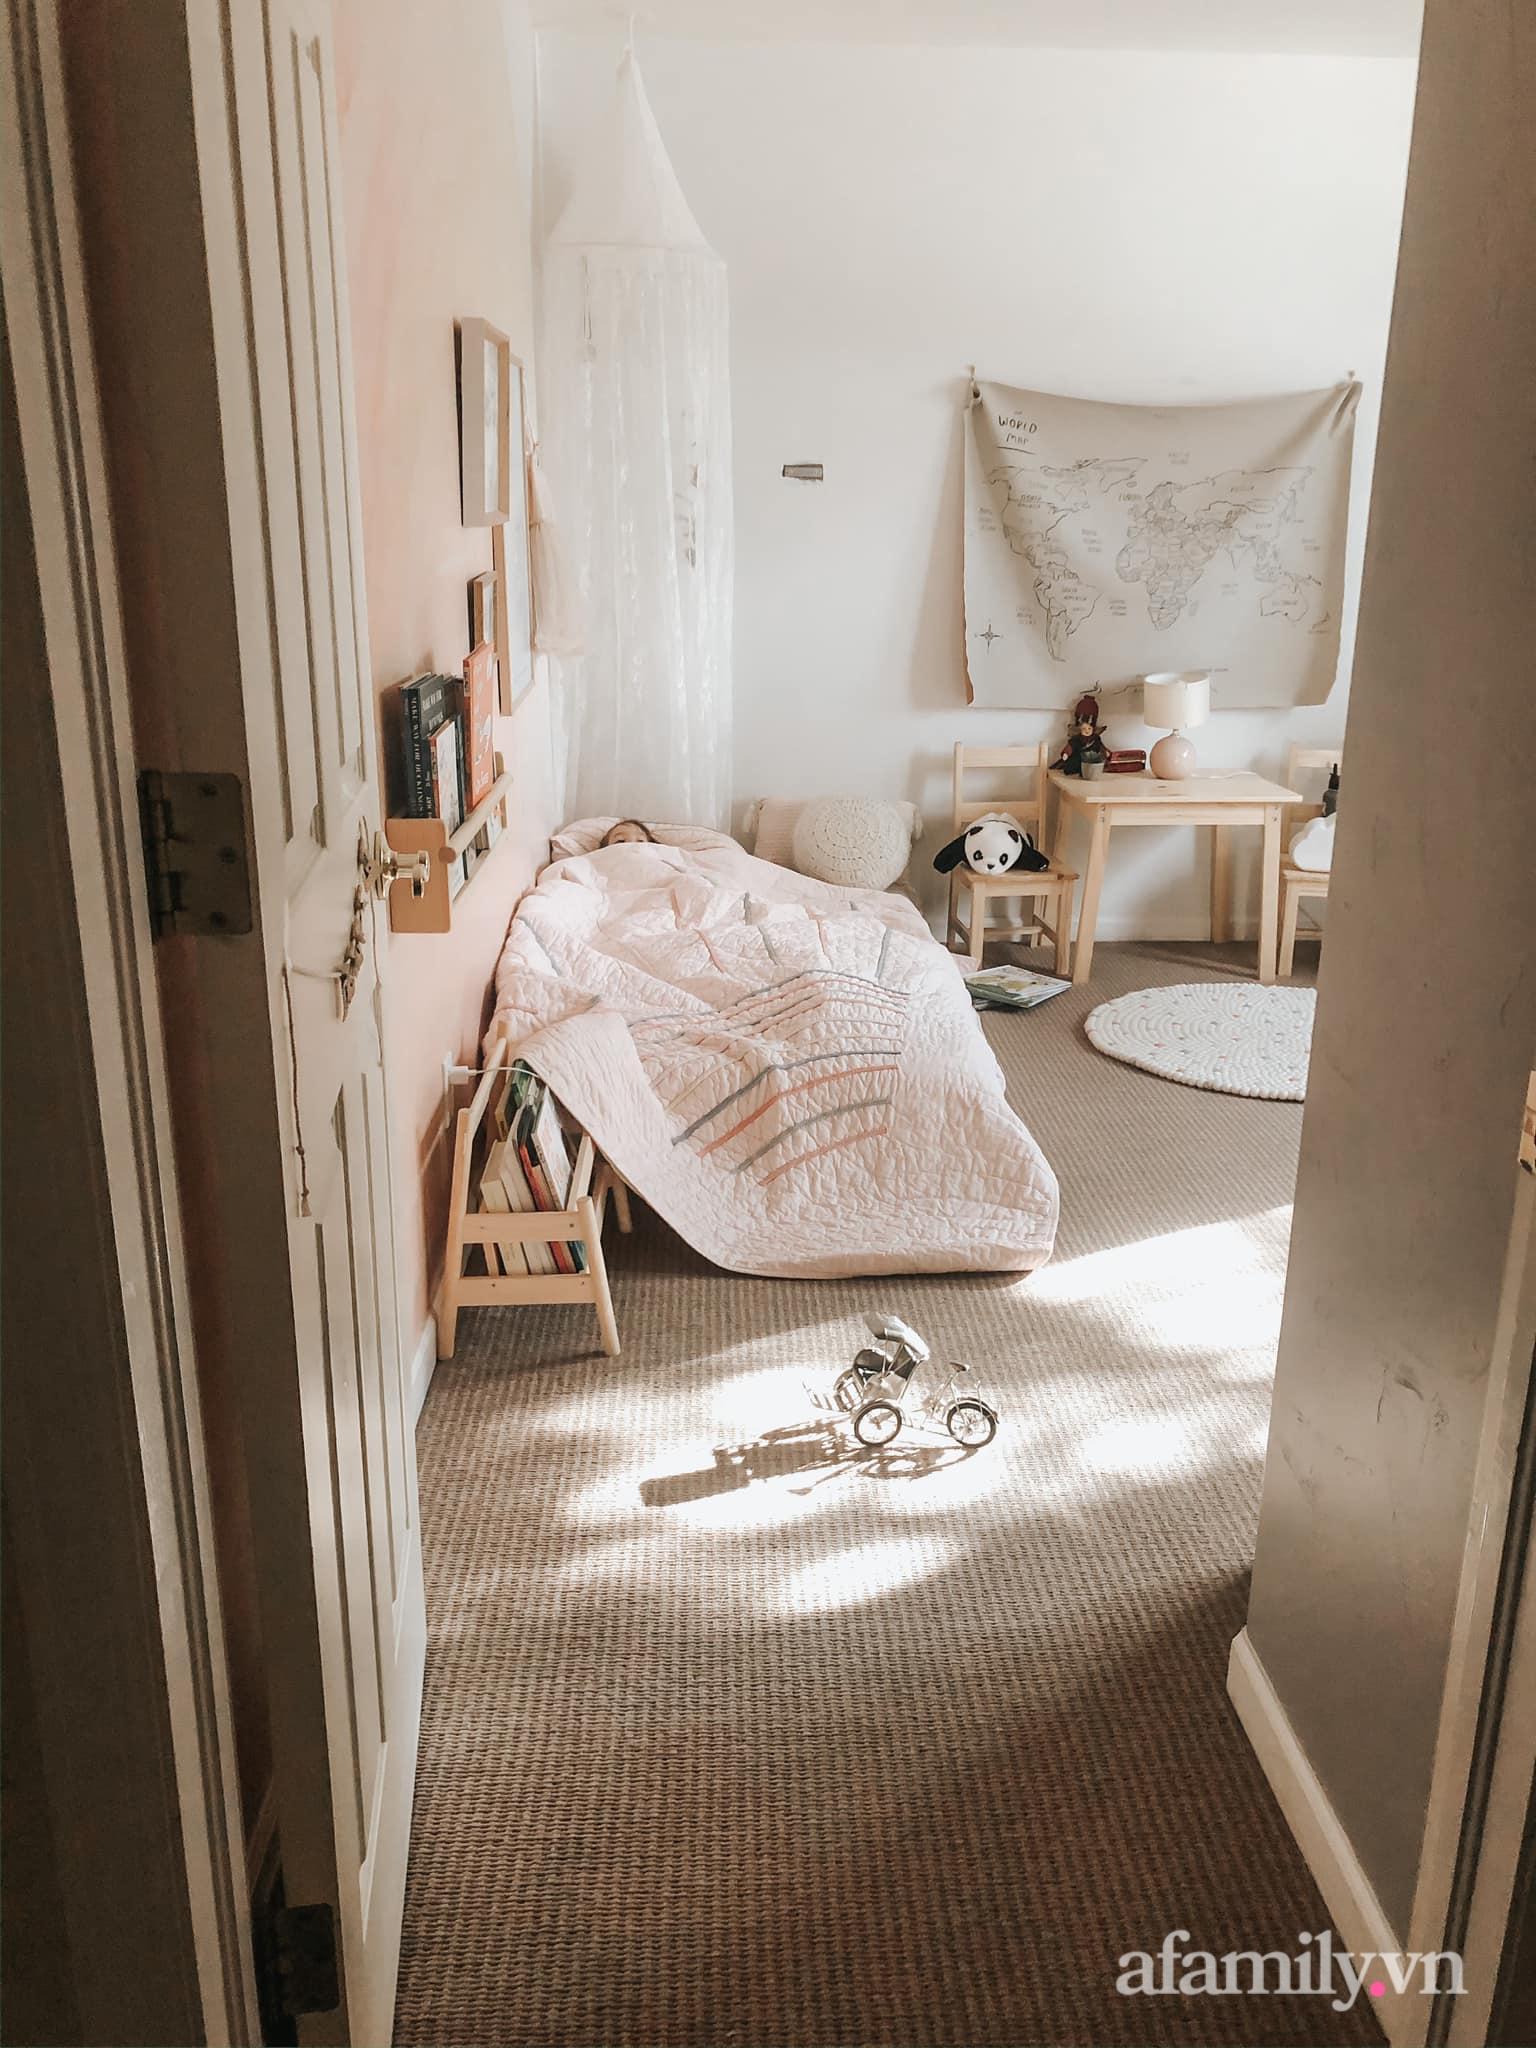 Căn nhà gói những bình yên đẹp như bài thơ với ánh nắng ngập tràn quanh năm của mẹ Việt ở Mỹ - Ảnh 11.